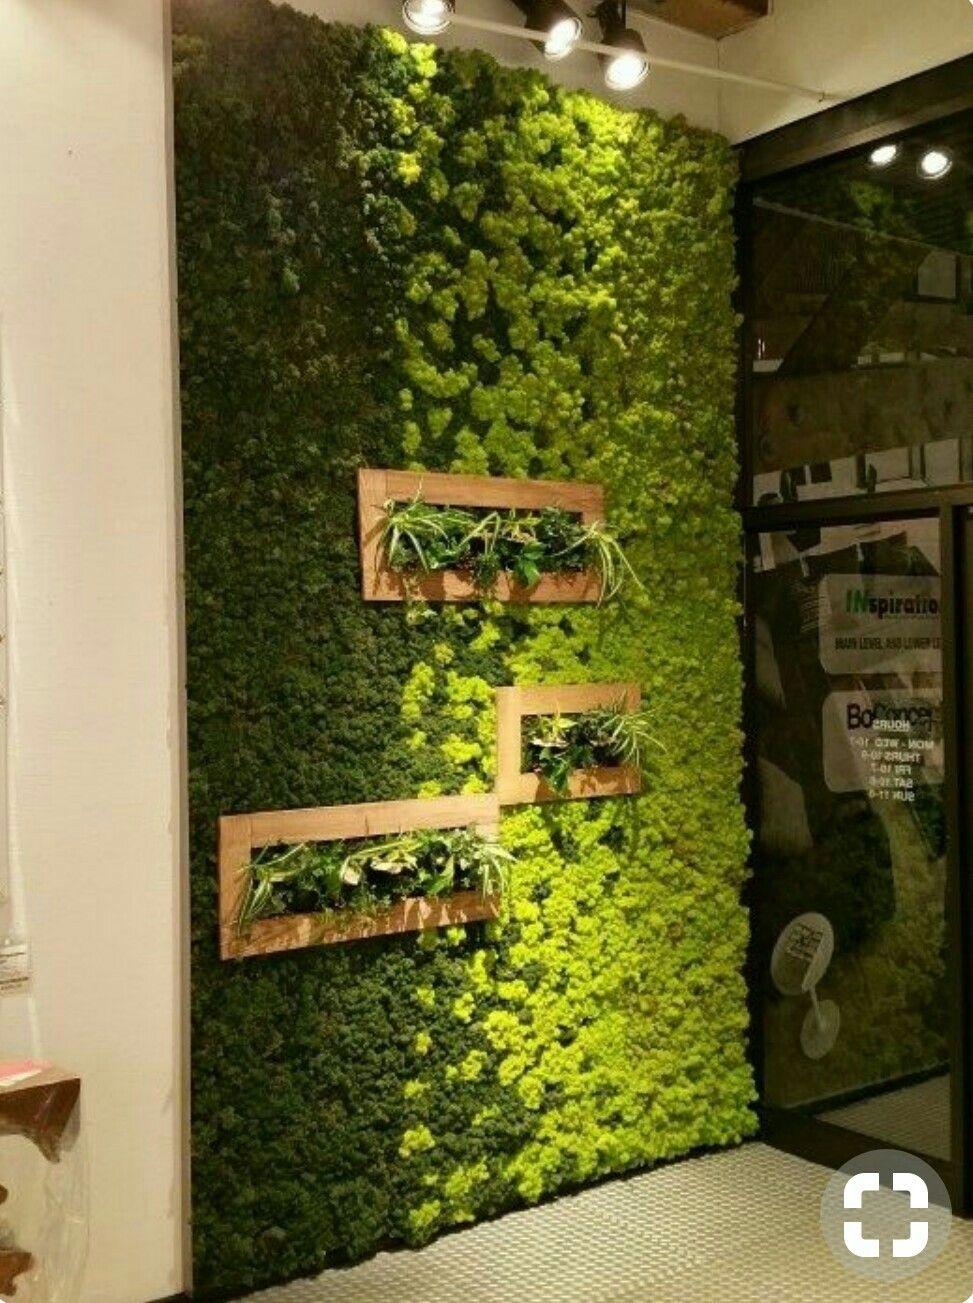 Pin by Emerald on Home Decor Garden ideas diy cheap